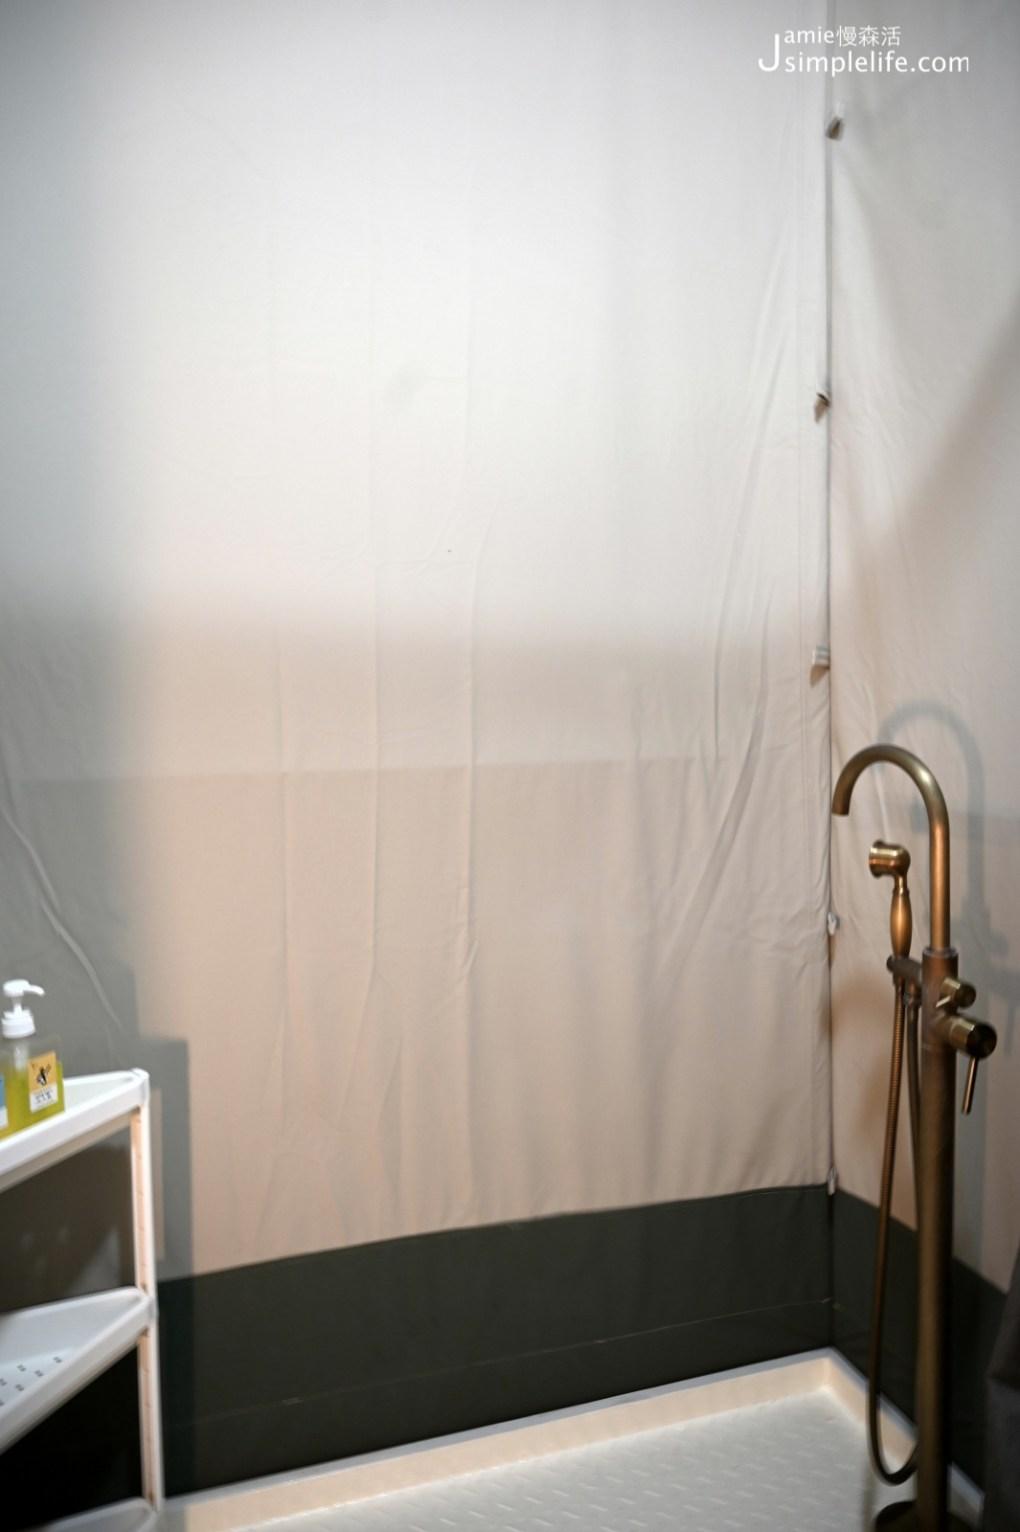 台中向海那漾豪華露營區 30頂豪華露營帳篷 房內獨立衛浴